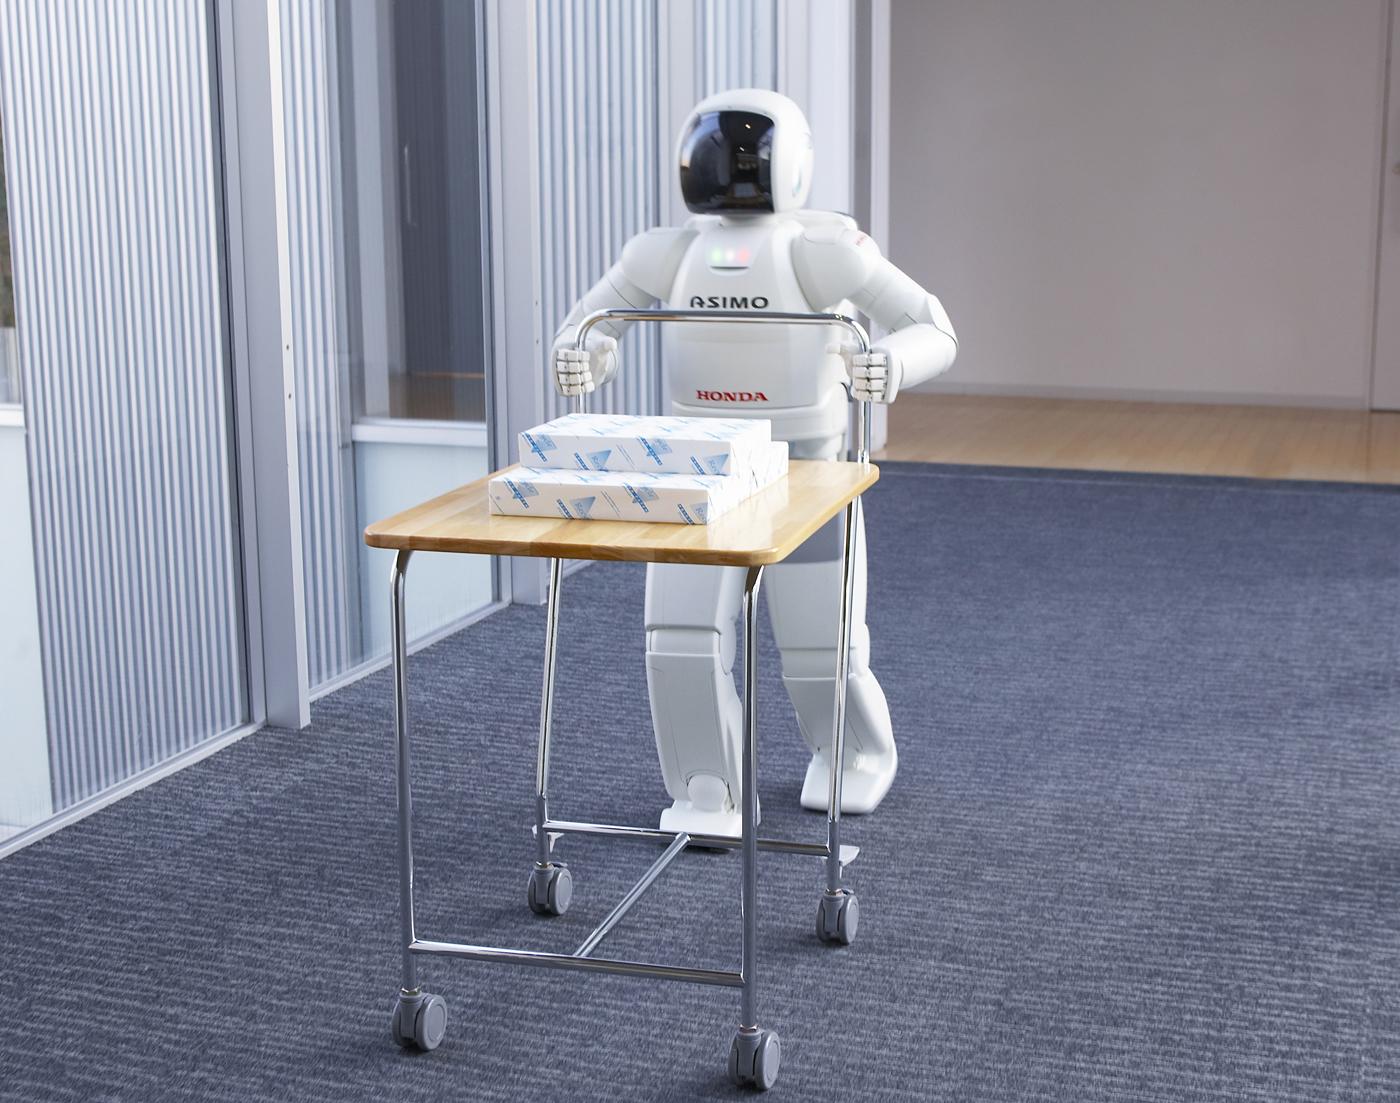 ホンダの二足歩行ロボット開発は1986年からスタートしている。それが「ASIMO」として結実したのは2000年。この長い歴史を持つ開発の歴史は途絶えたわけではないという